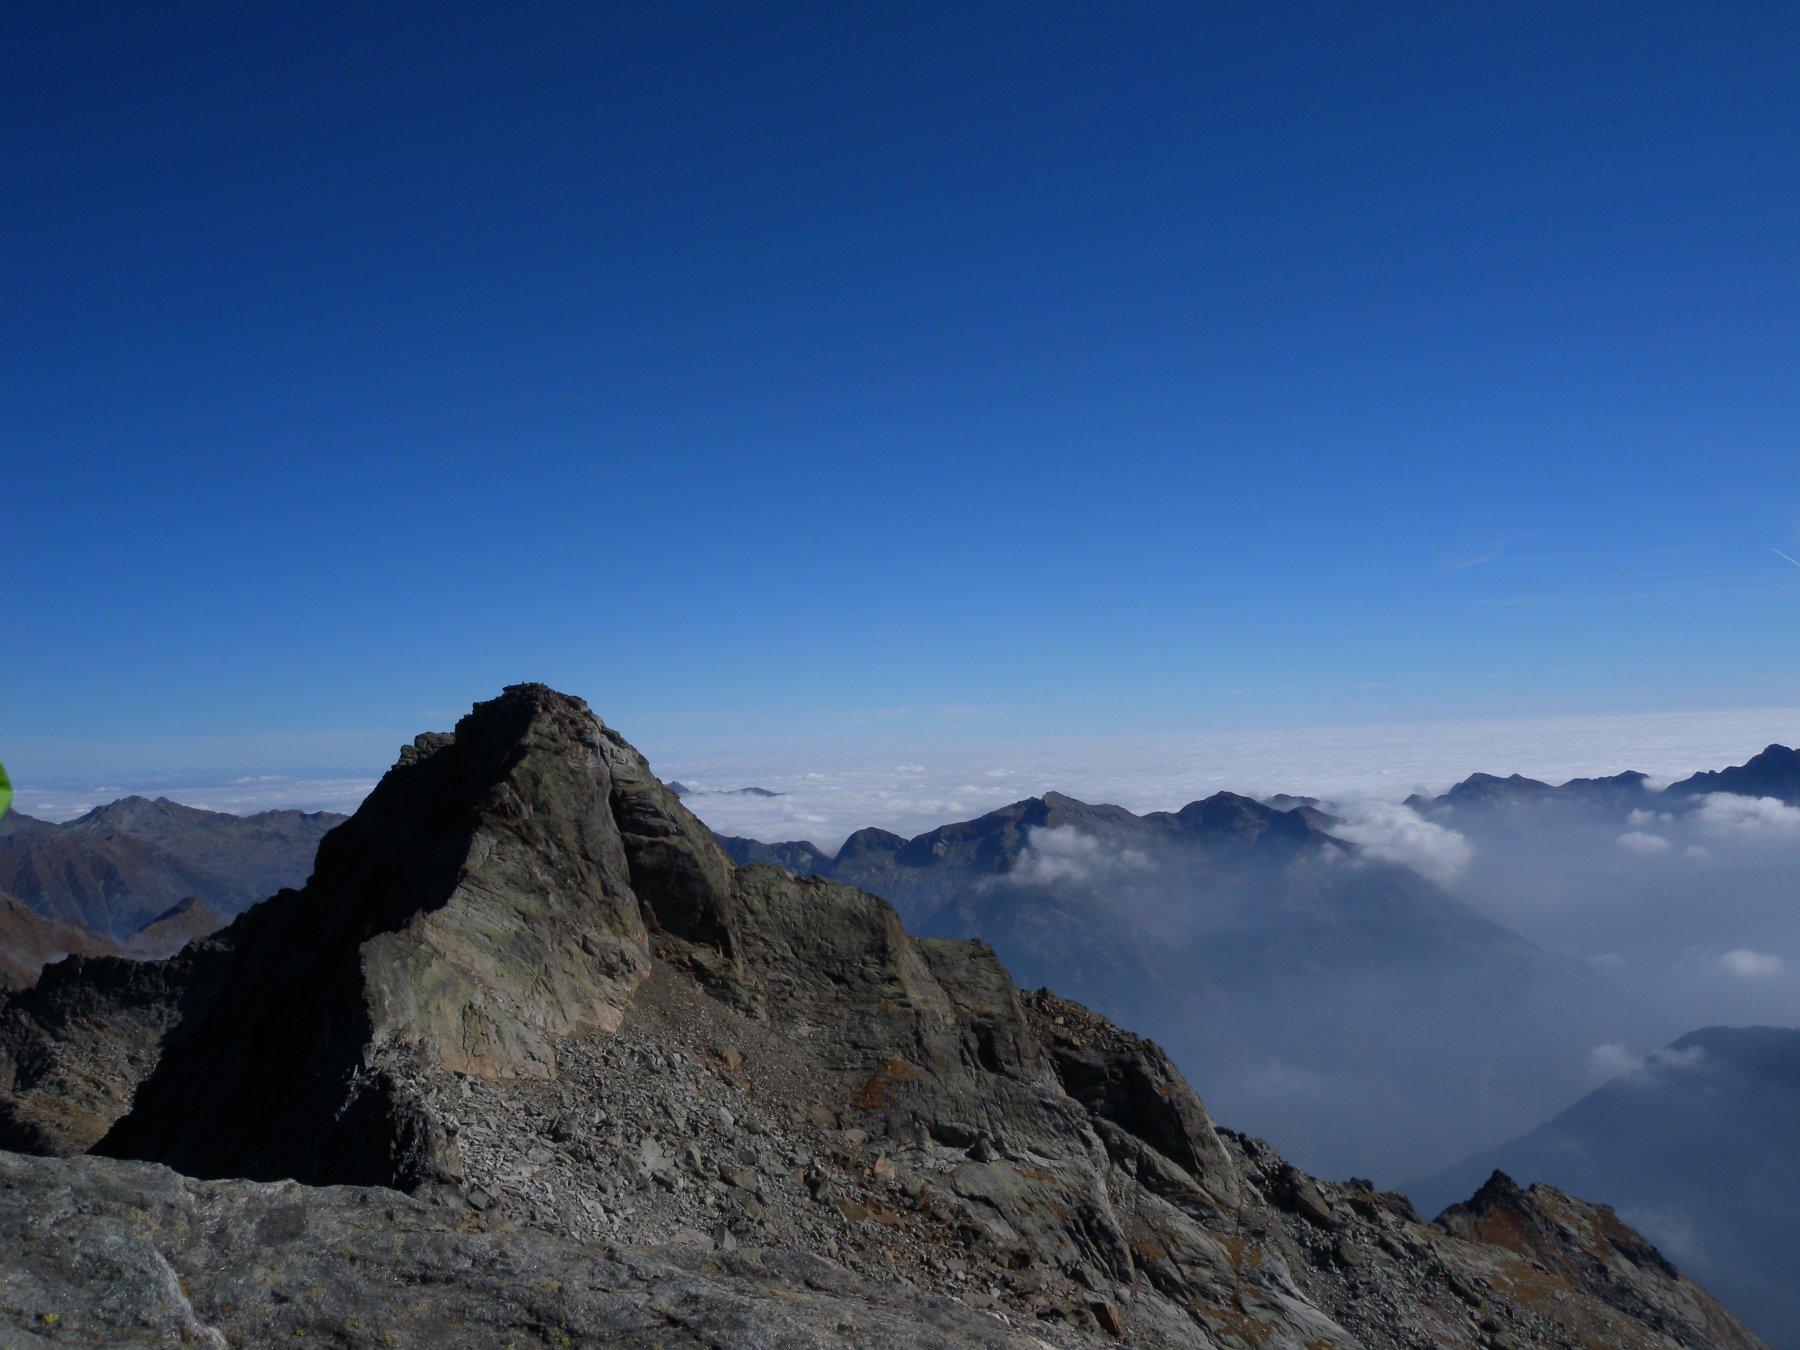 La Dama alpinistica